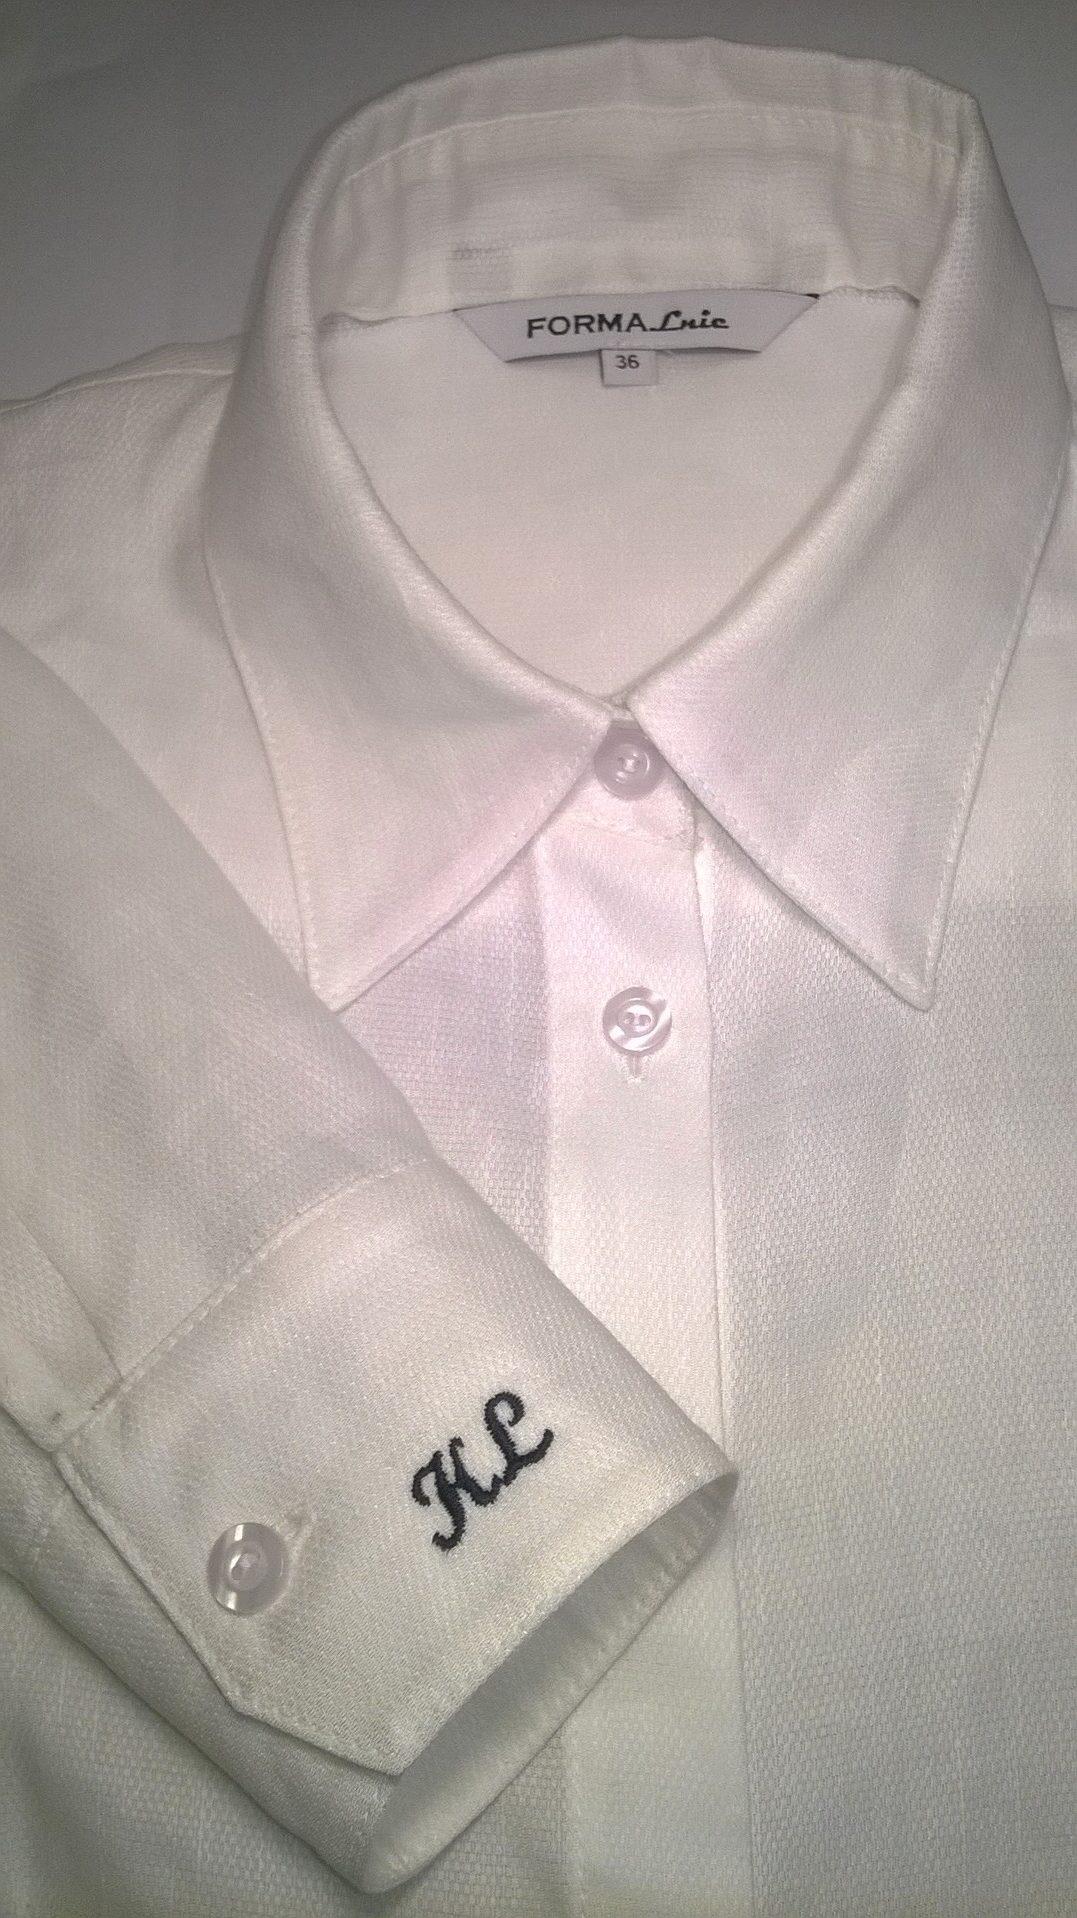 Koszula Klasyczna W Kolorze Białym, Zapinana Na Guziki, Klasyczny Kołnierzyk , Z Przodu I Z Tylu Taliowane Zaszewki Dodają Fasonowi Elegancji,długi Rękaw Wykończony Mankietem Zapinany Na Guzik, Dodatkowo Możliwość Personalizacji